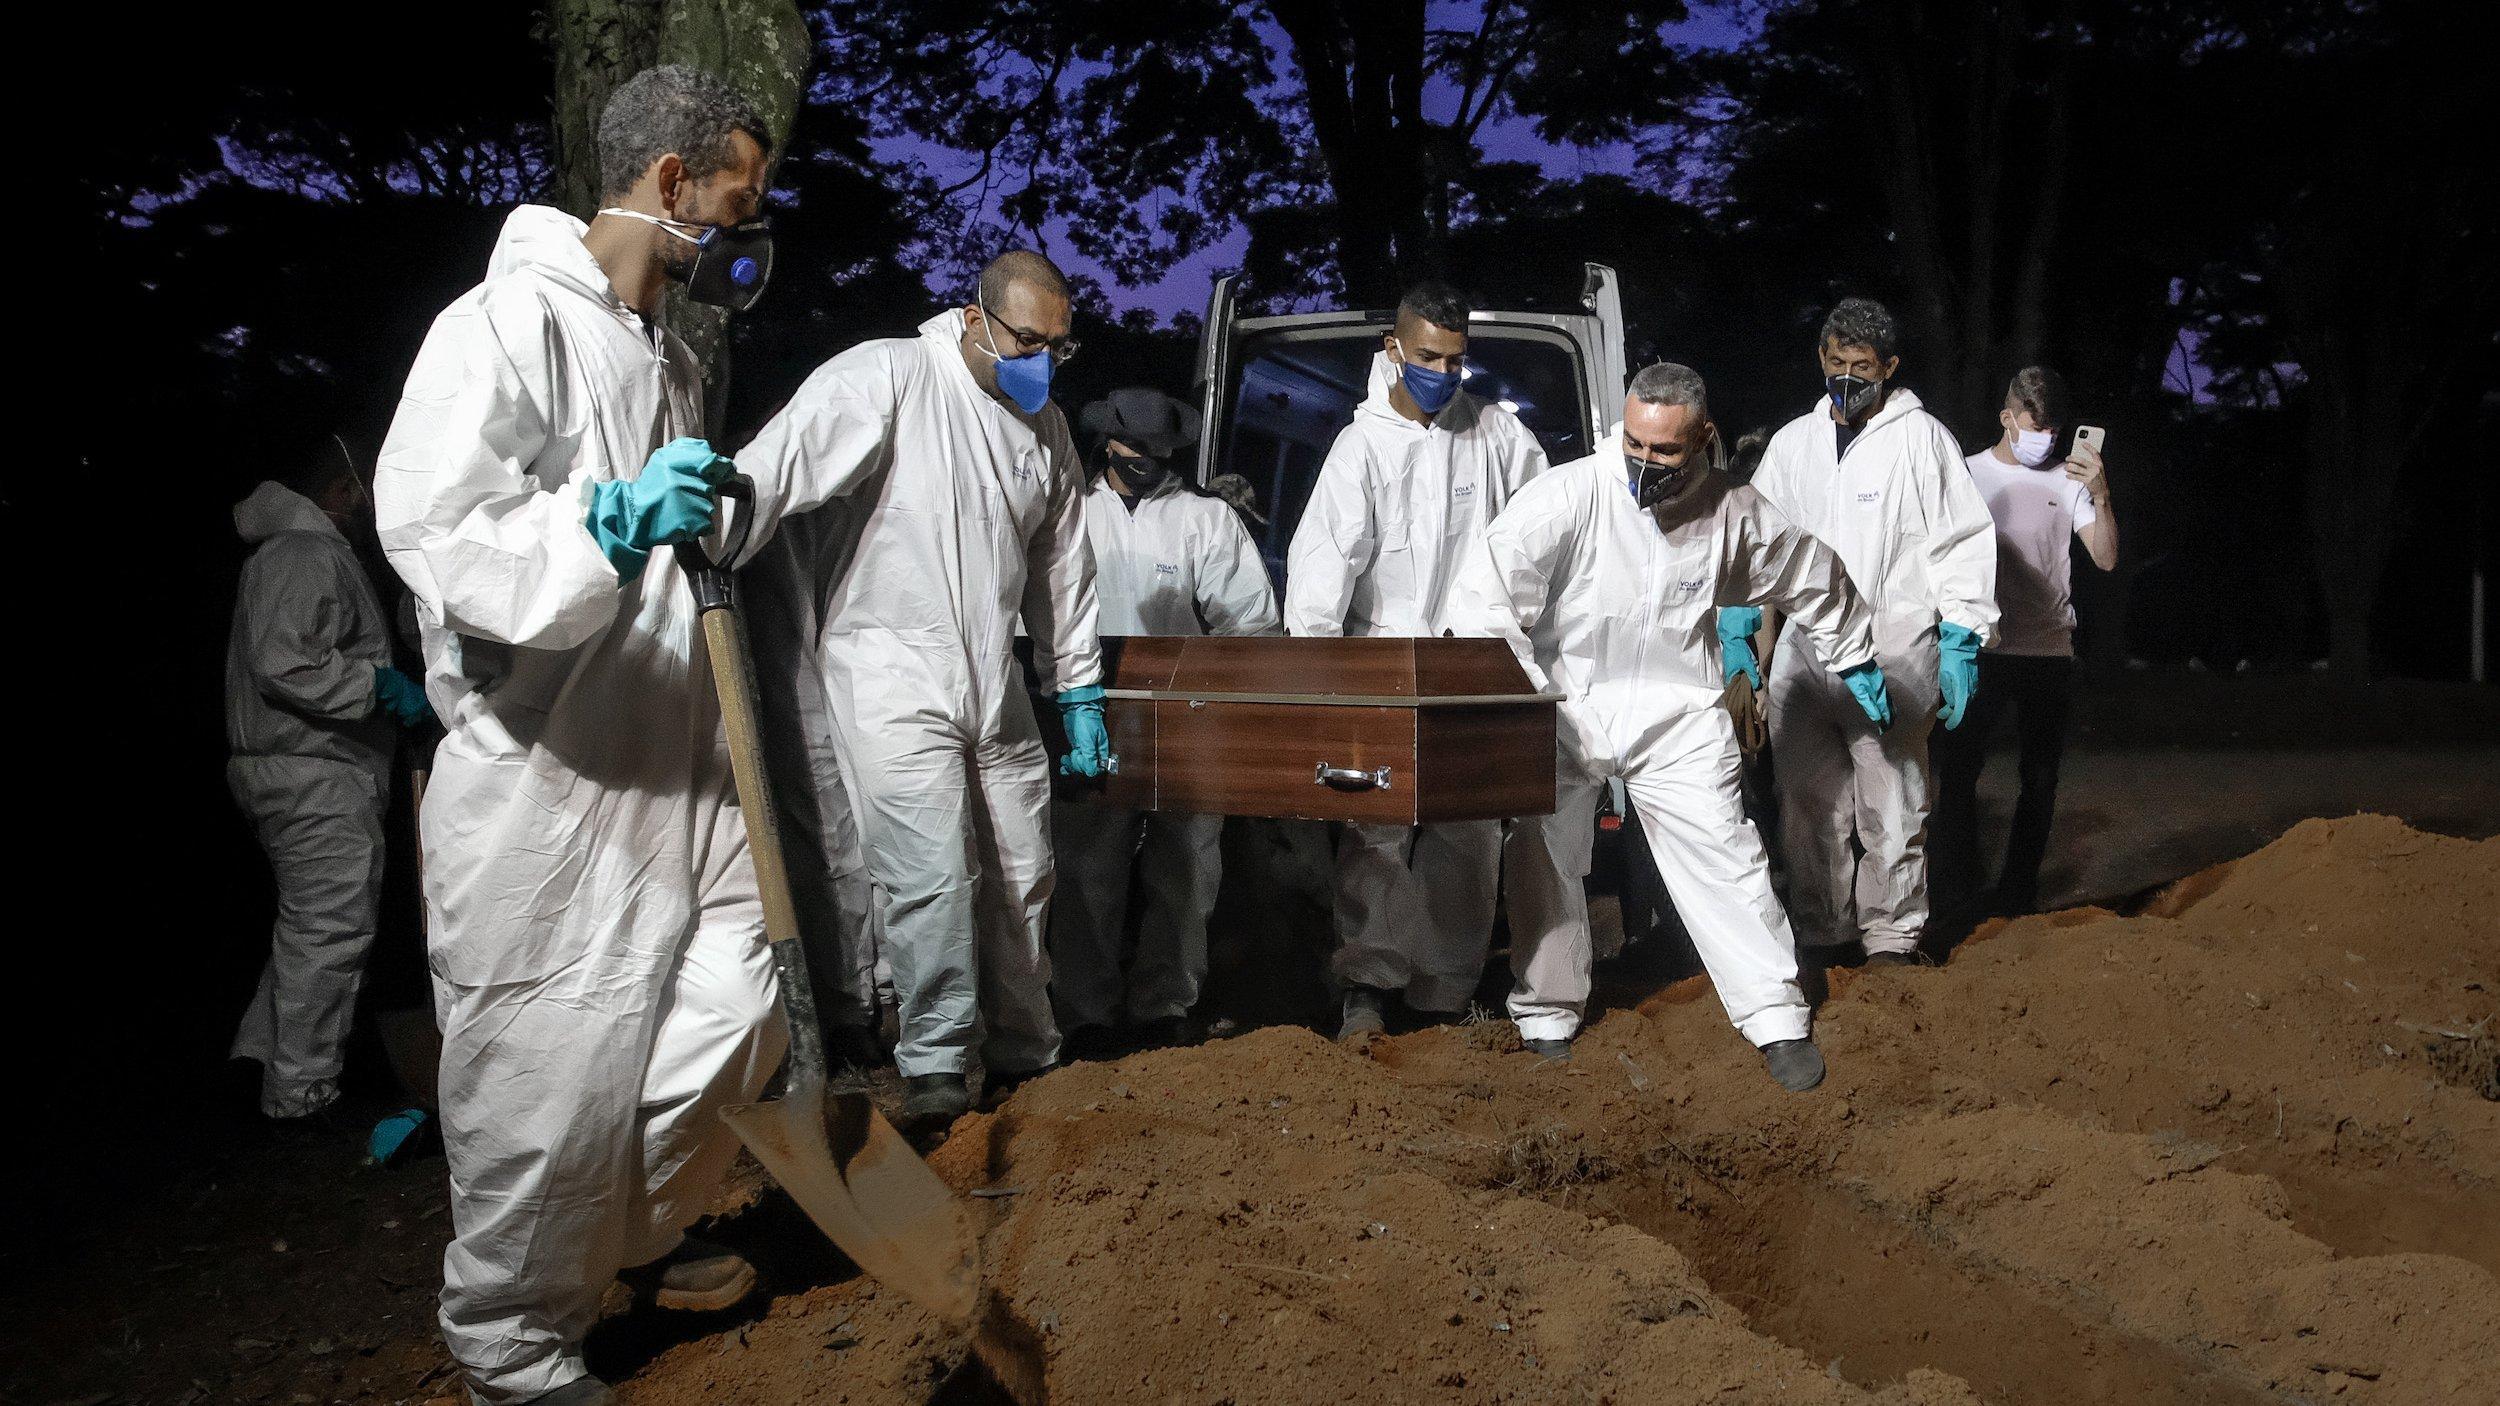 Menschen in weißer Schutzkleidung und mit Gesichtsmasken hieven bei nächtlichem Licht einen Sarg aus einem Beerdigungsfahrzeug und tragen ihn zum frisch ausgehobenen Grab.